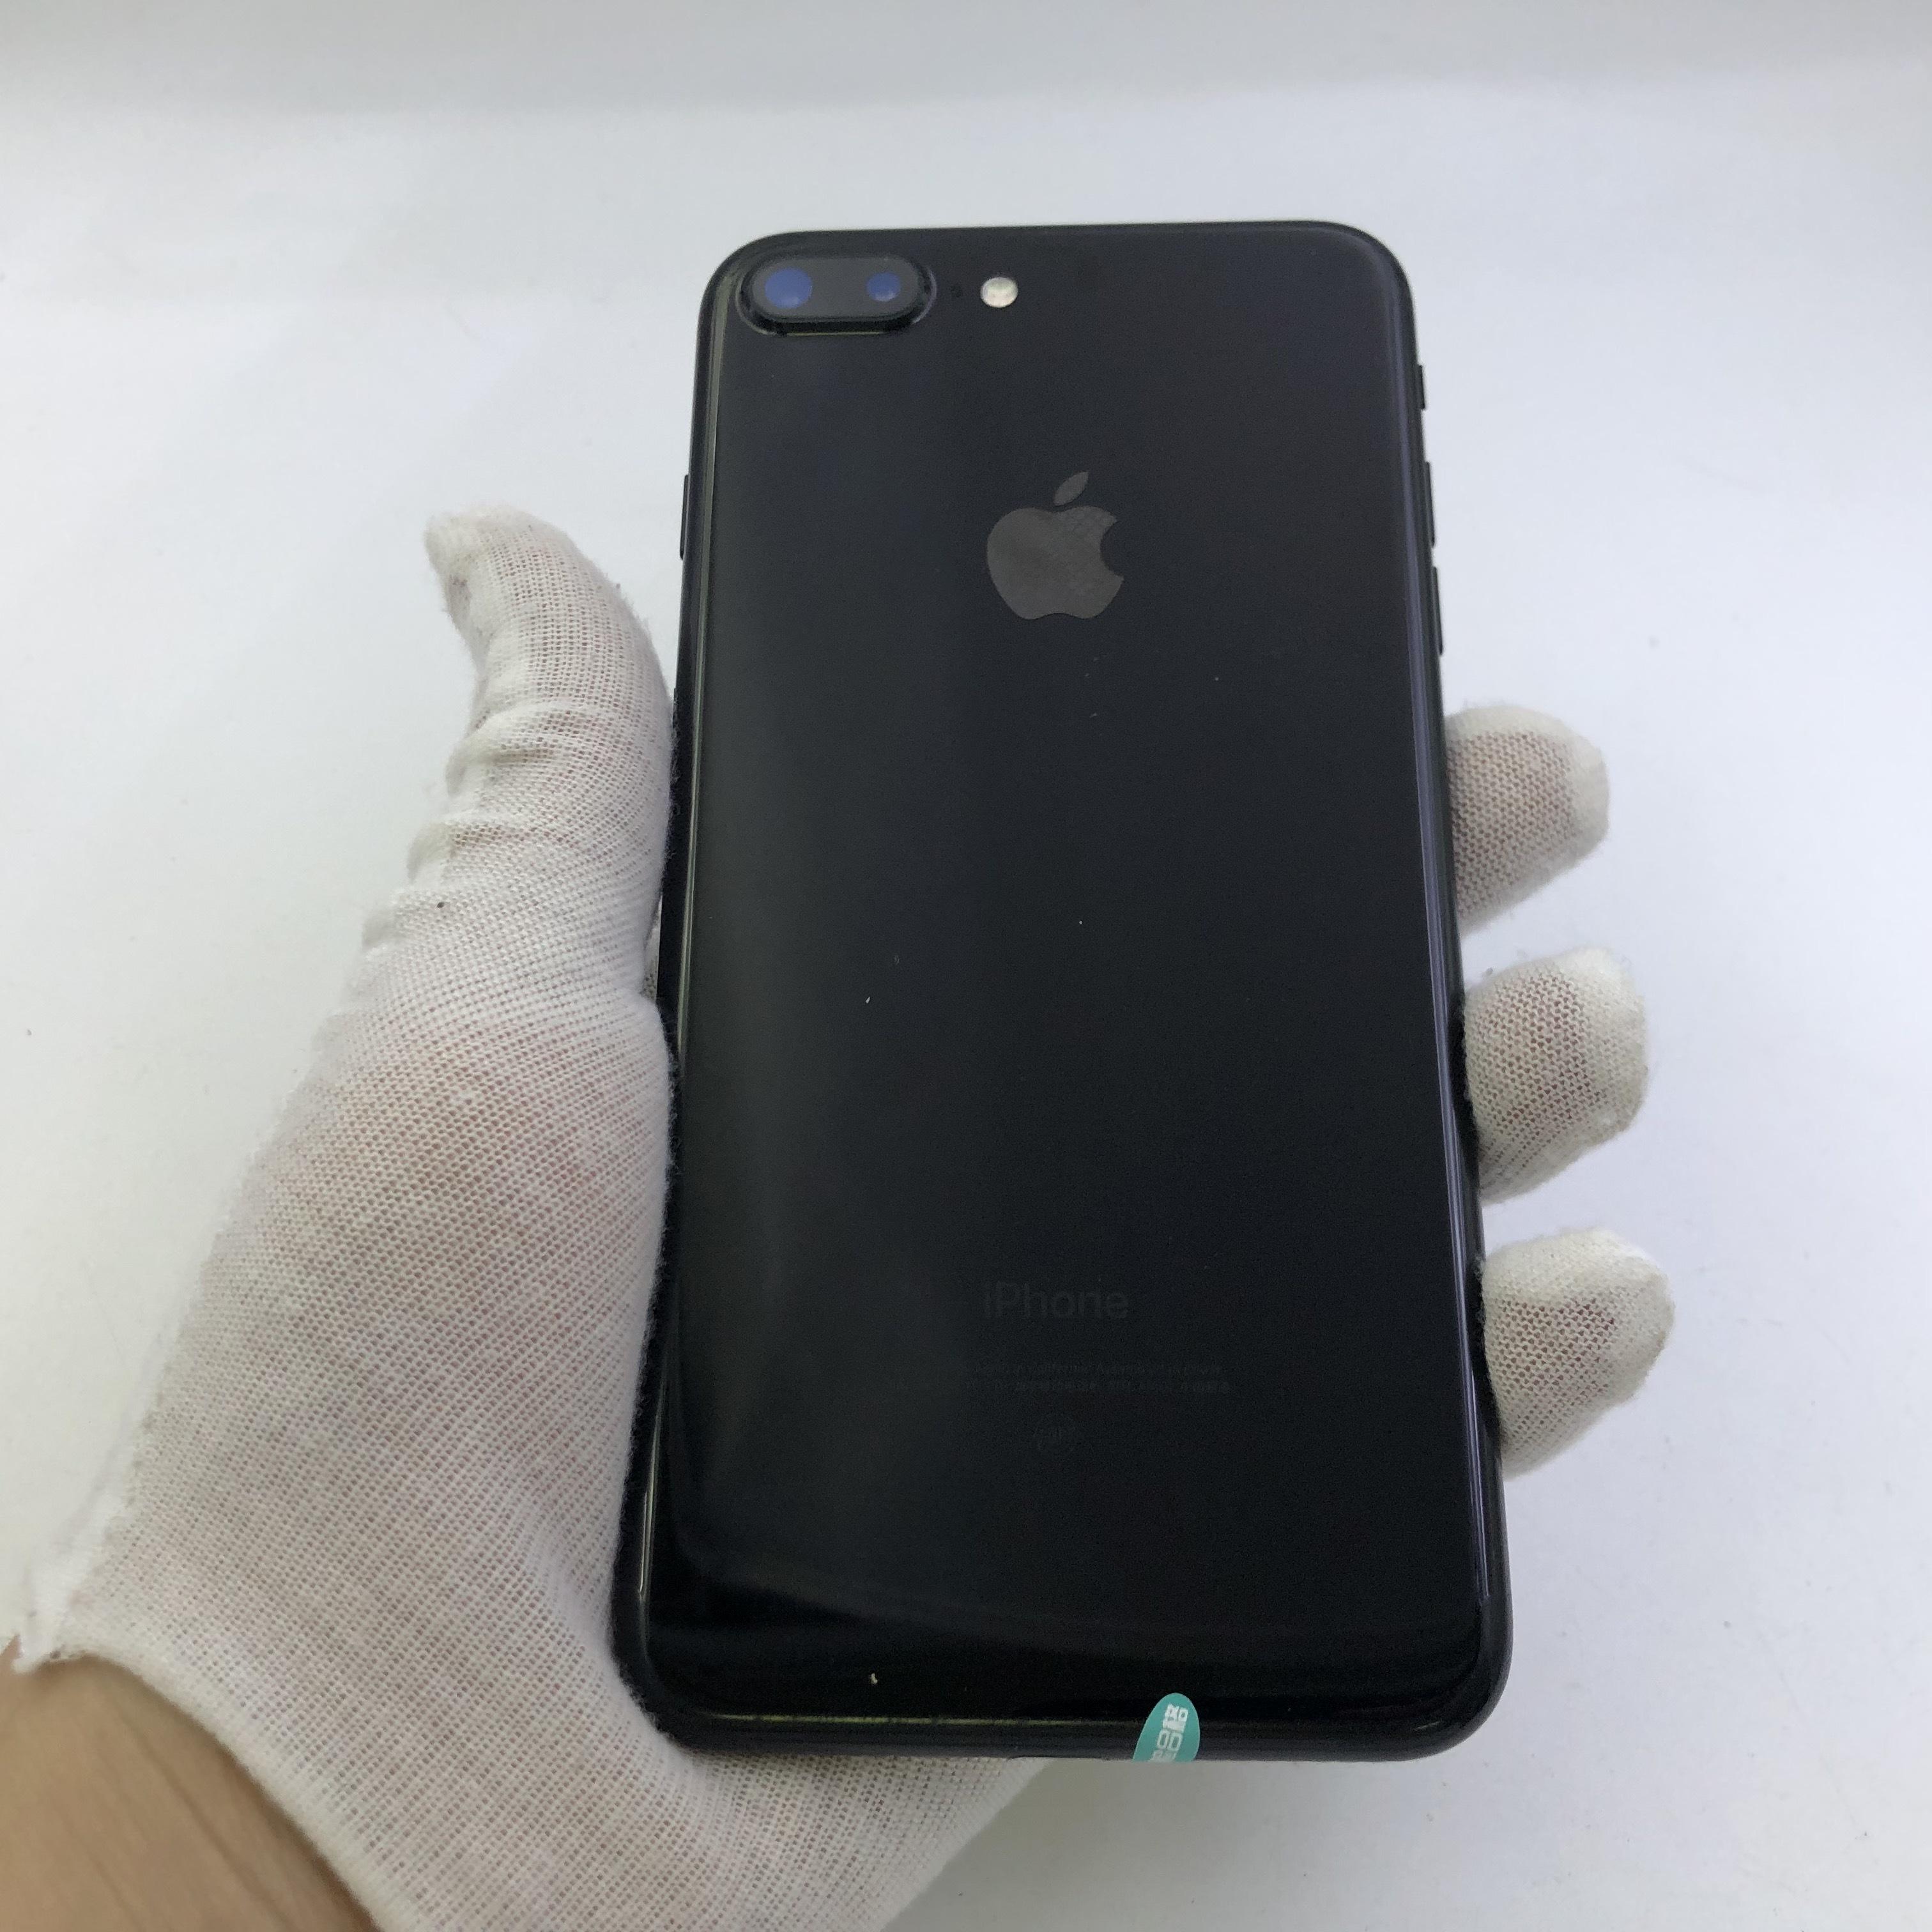 苹果【iPhone 7 Plus】4G全网通 亮黑色 128G 国行 8成新